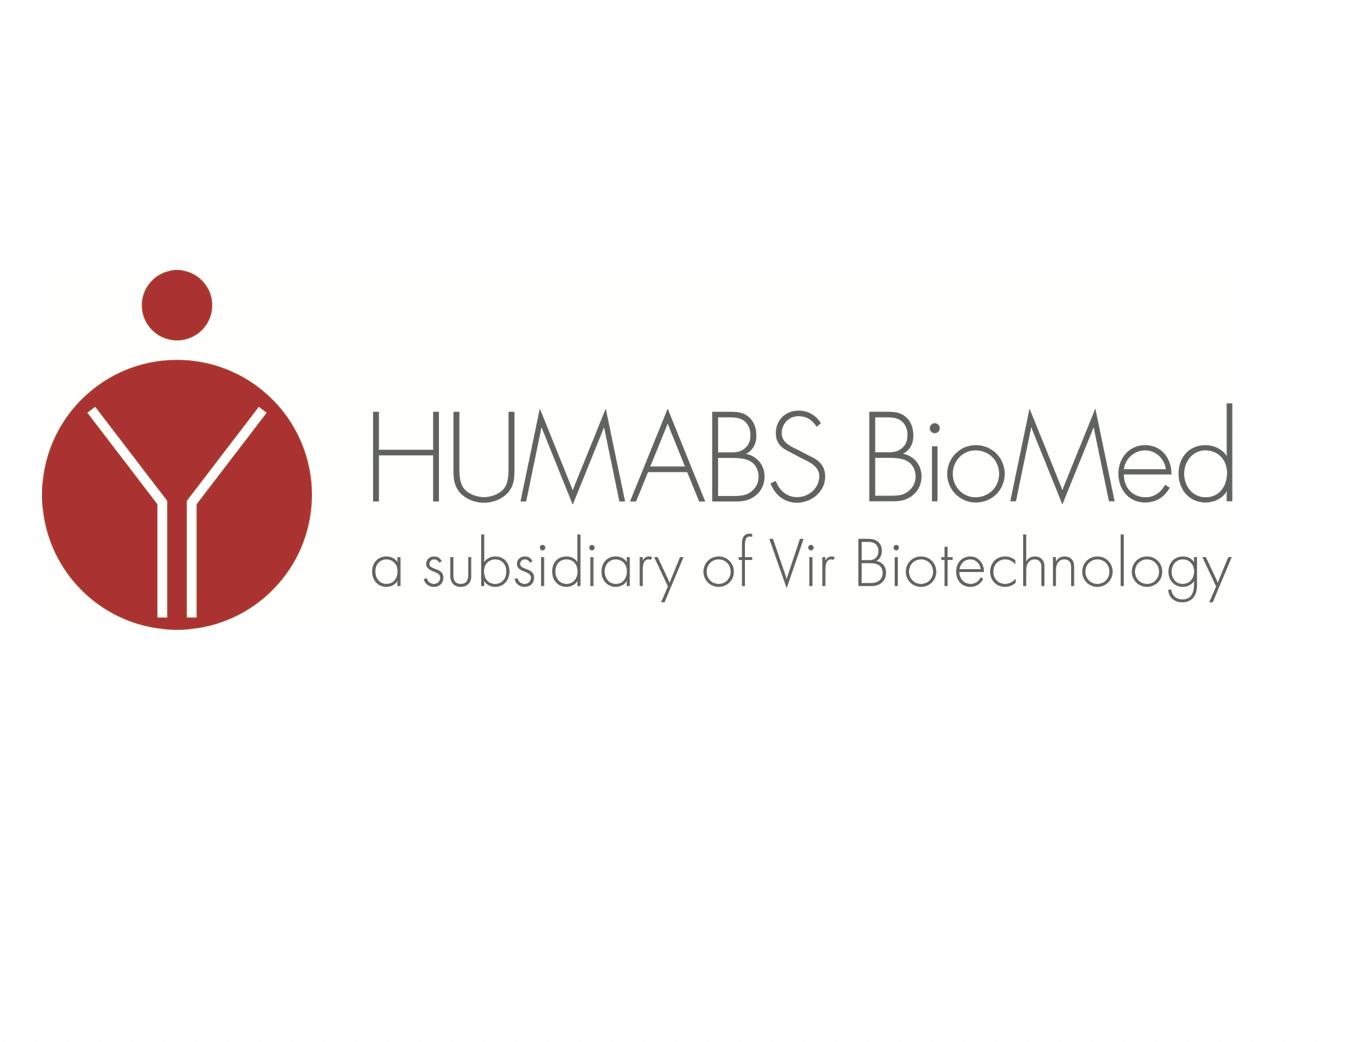 Humabs BioMed SA